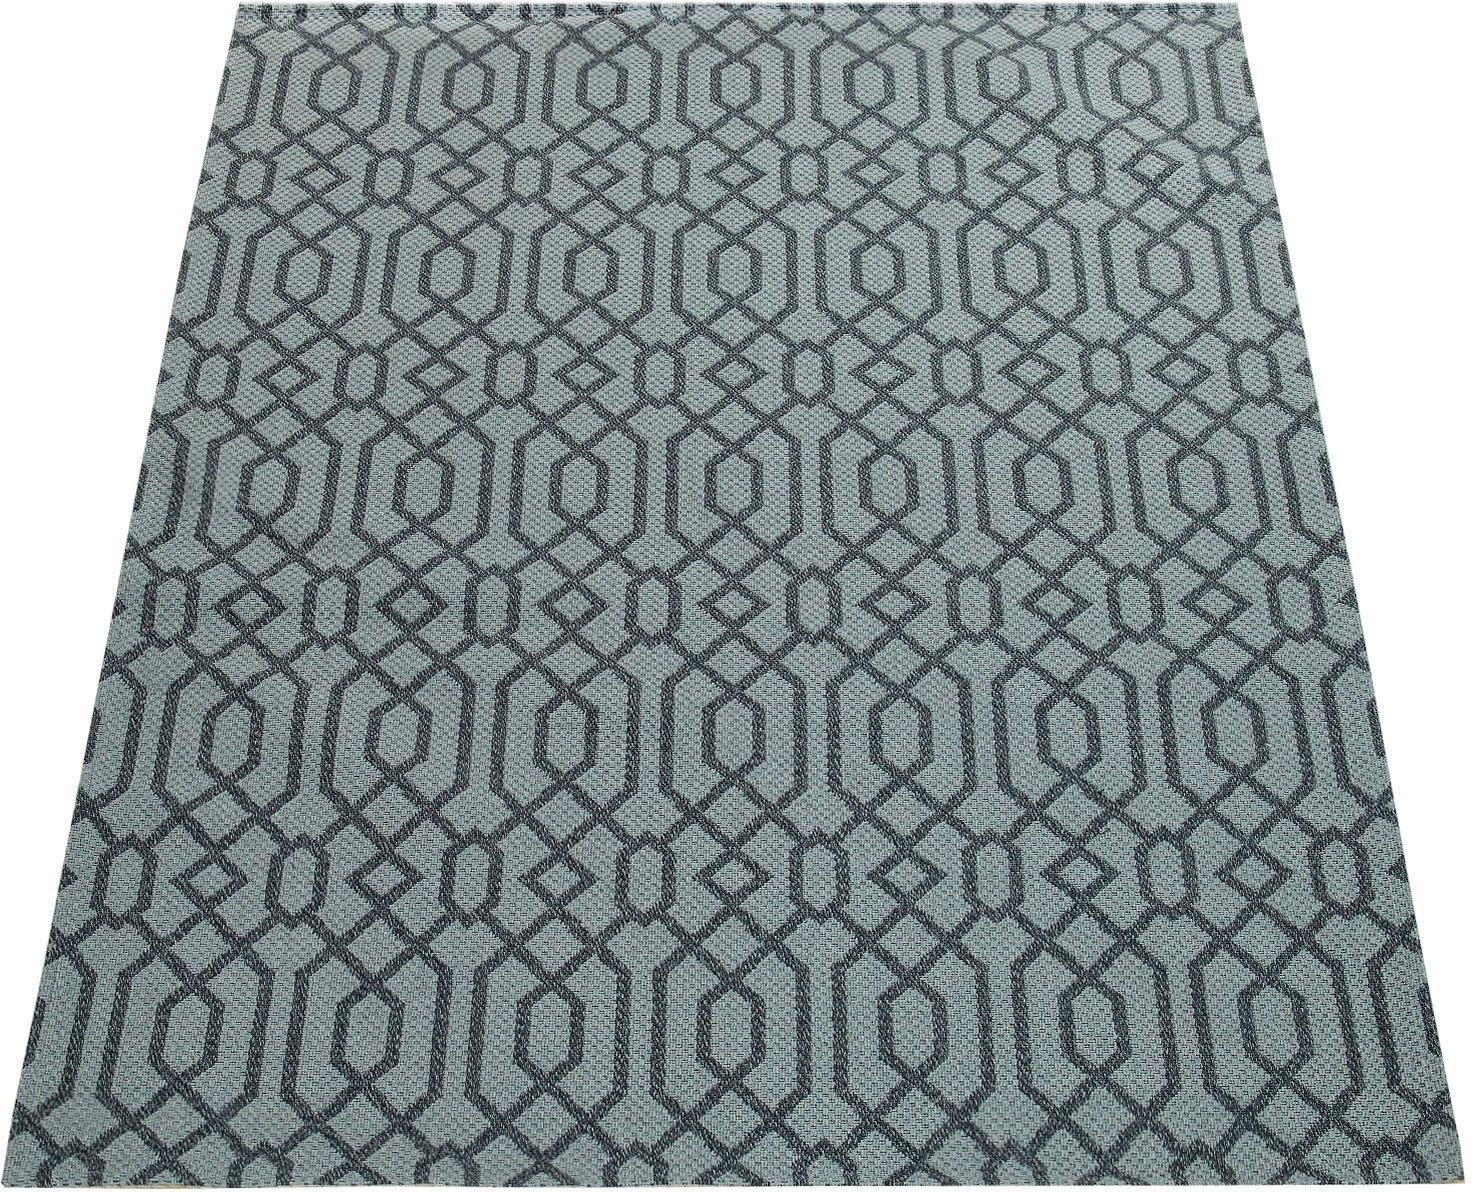 Paco Home vloerkleed »Varadero 462«, rechthoekig, hoogte 5 mm, machinaal geweven online kopen op otto.nl